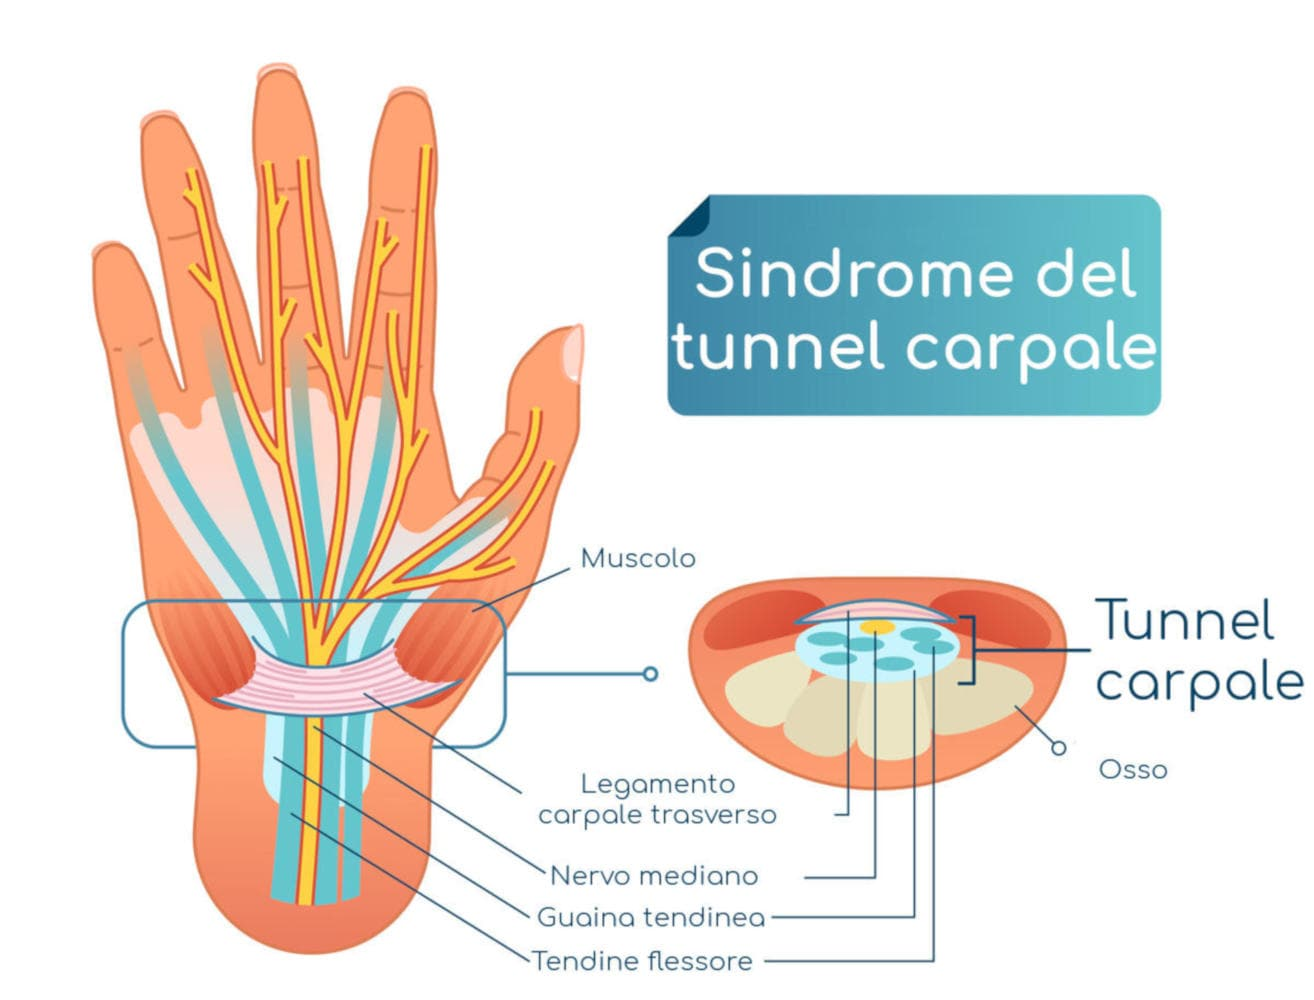 Sindrome del tunnel carpale